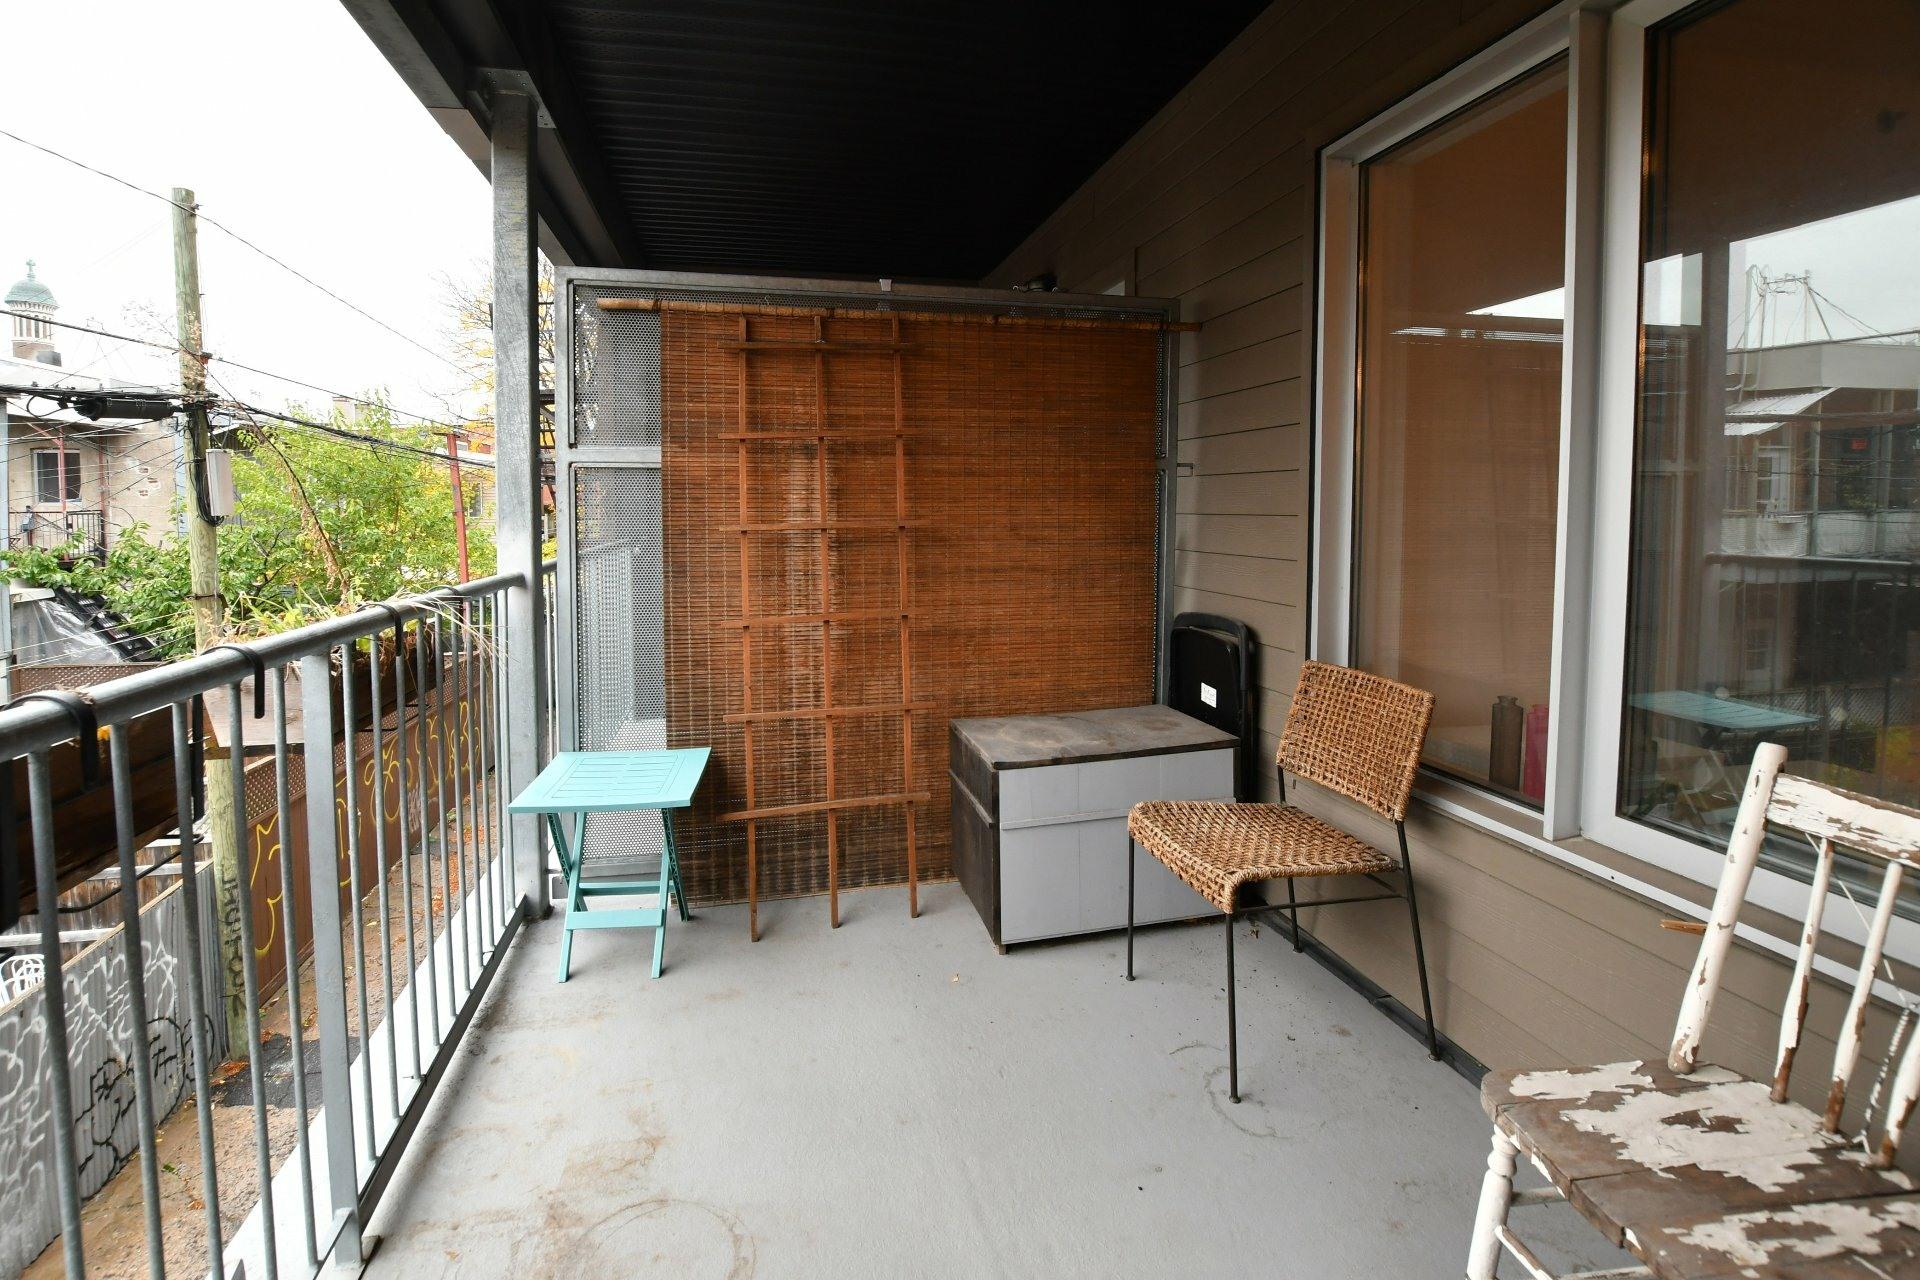 image 20 - Appartement À louer Le Plateau-Mont-Royal Montréal  - 4 pièces